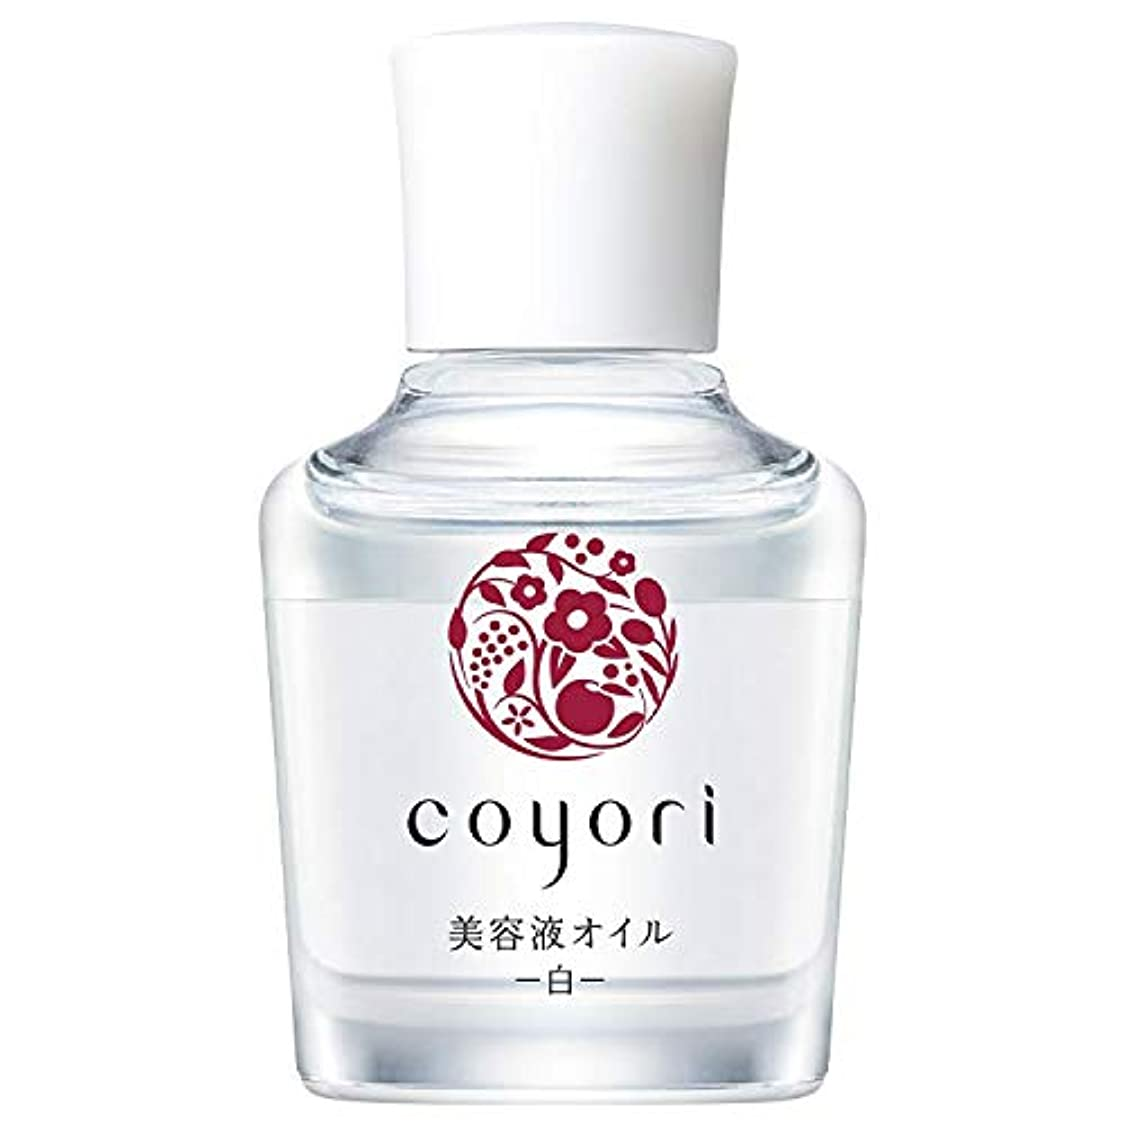 ありがたいチェスコモランマCoyori コヨリ 美容液オイル-白- 20mL 無添加[高機能 自然派 エイジングケア 乾燥肌 敏感肌 くすみ 乾燥 小じわ 対策用 もっちり ハリ ツヤ フェイスオイル ]